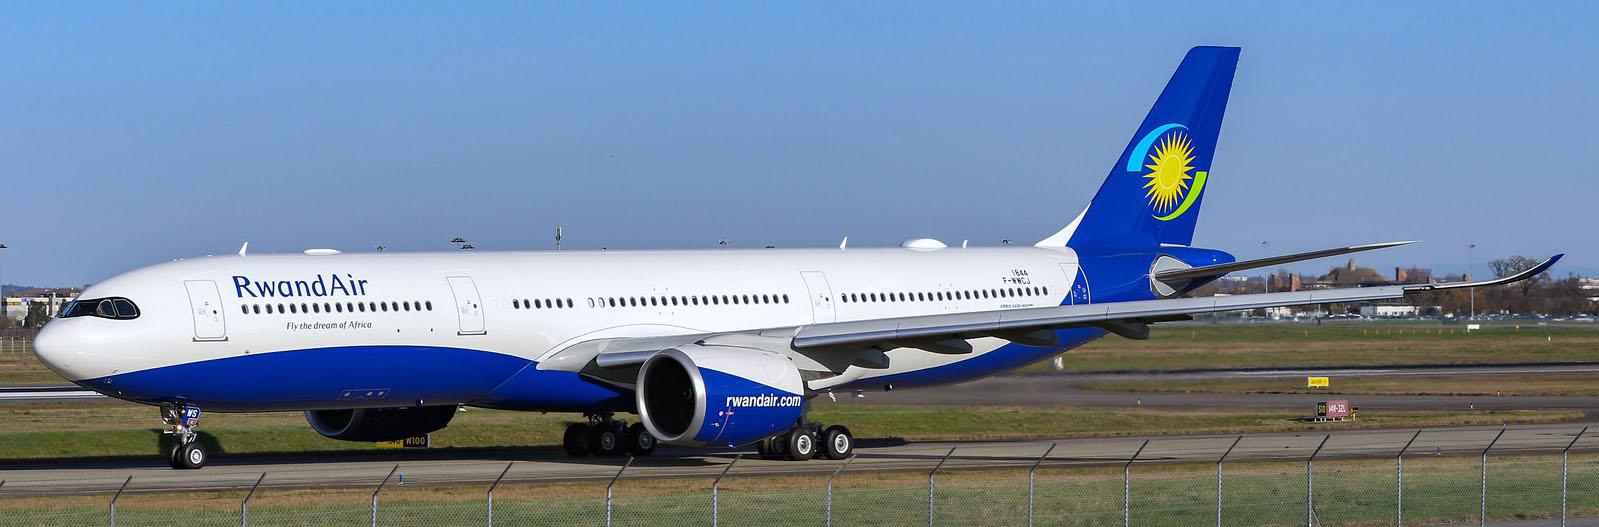 A330neo Rwandair MNS1844 / 9XR-WS